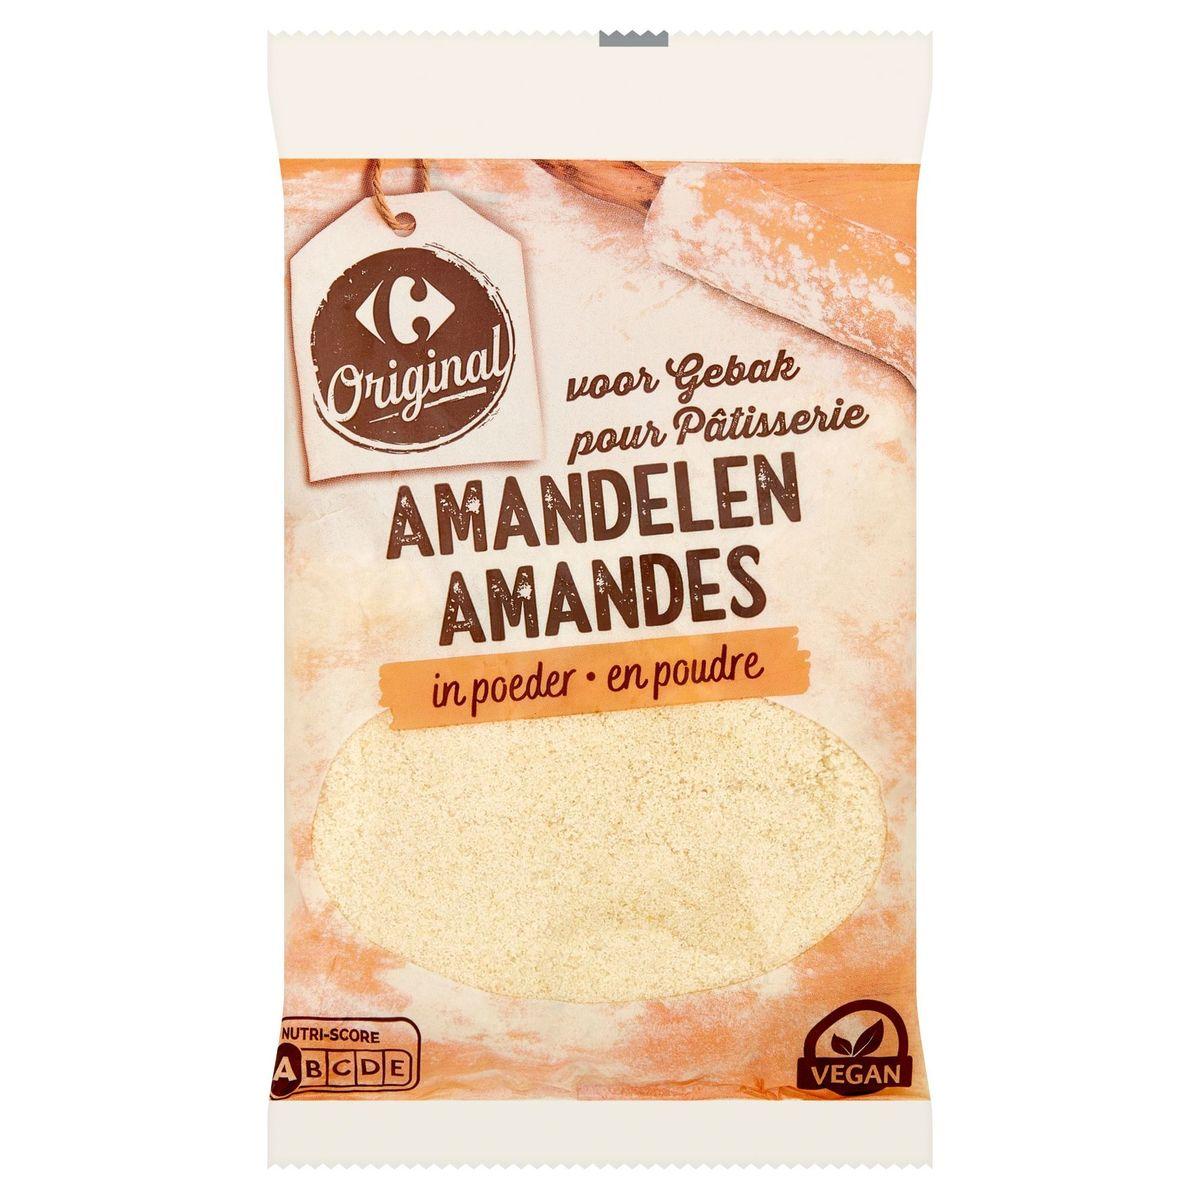 Carrefour Original Amandes en Poudre pour Pâtisserie 125 g